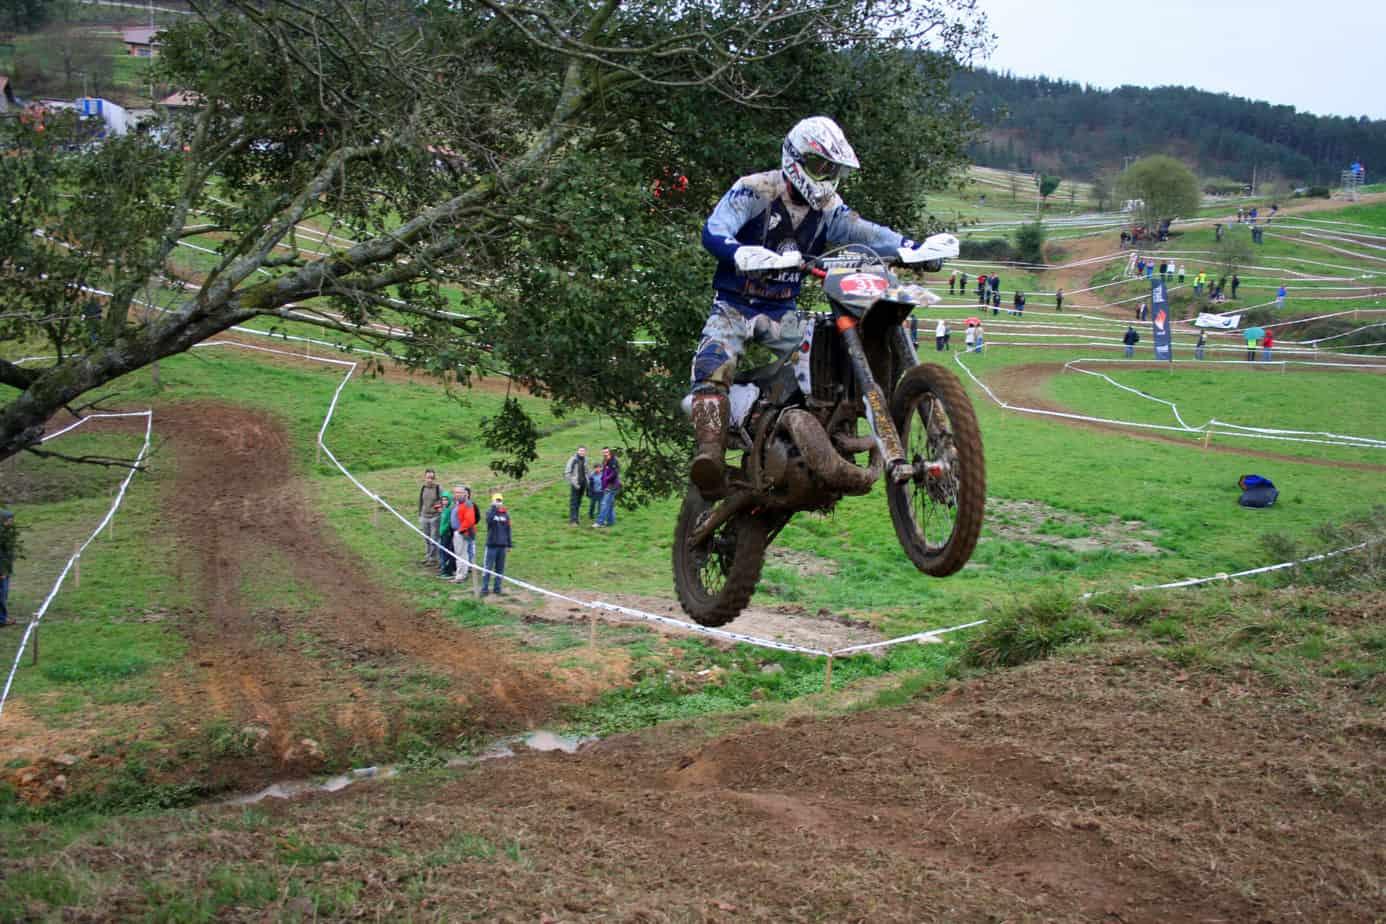 moto enduro sur circuit dans les airs